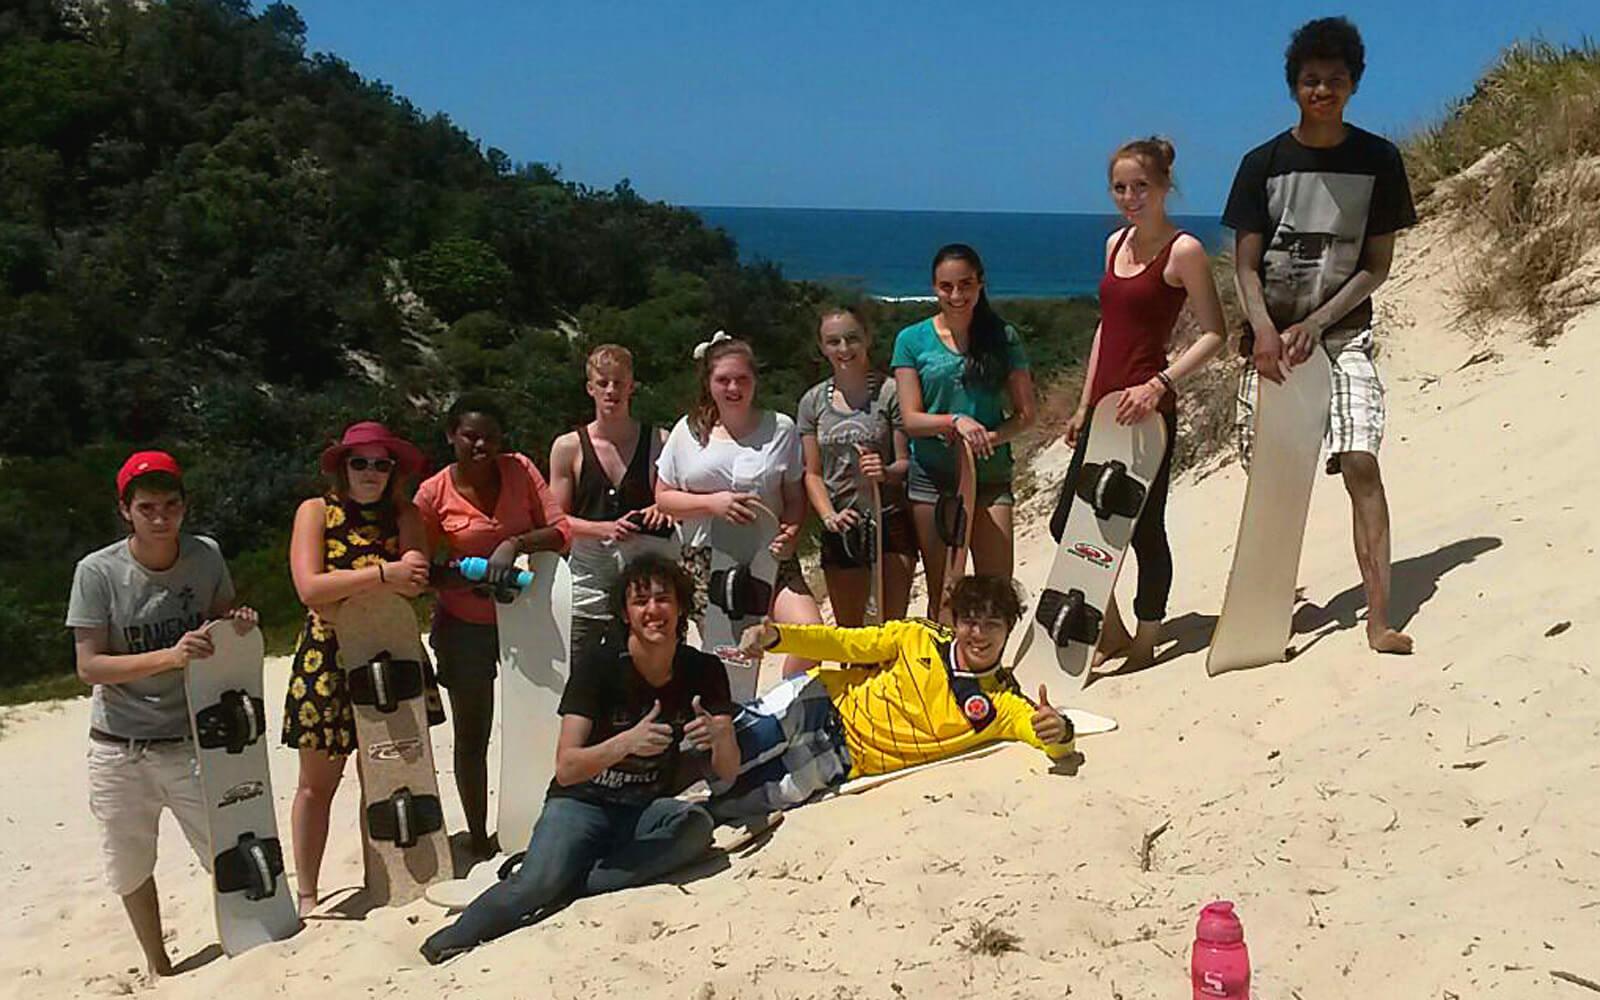 Spaß beim Sandboarding